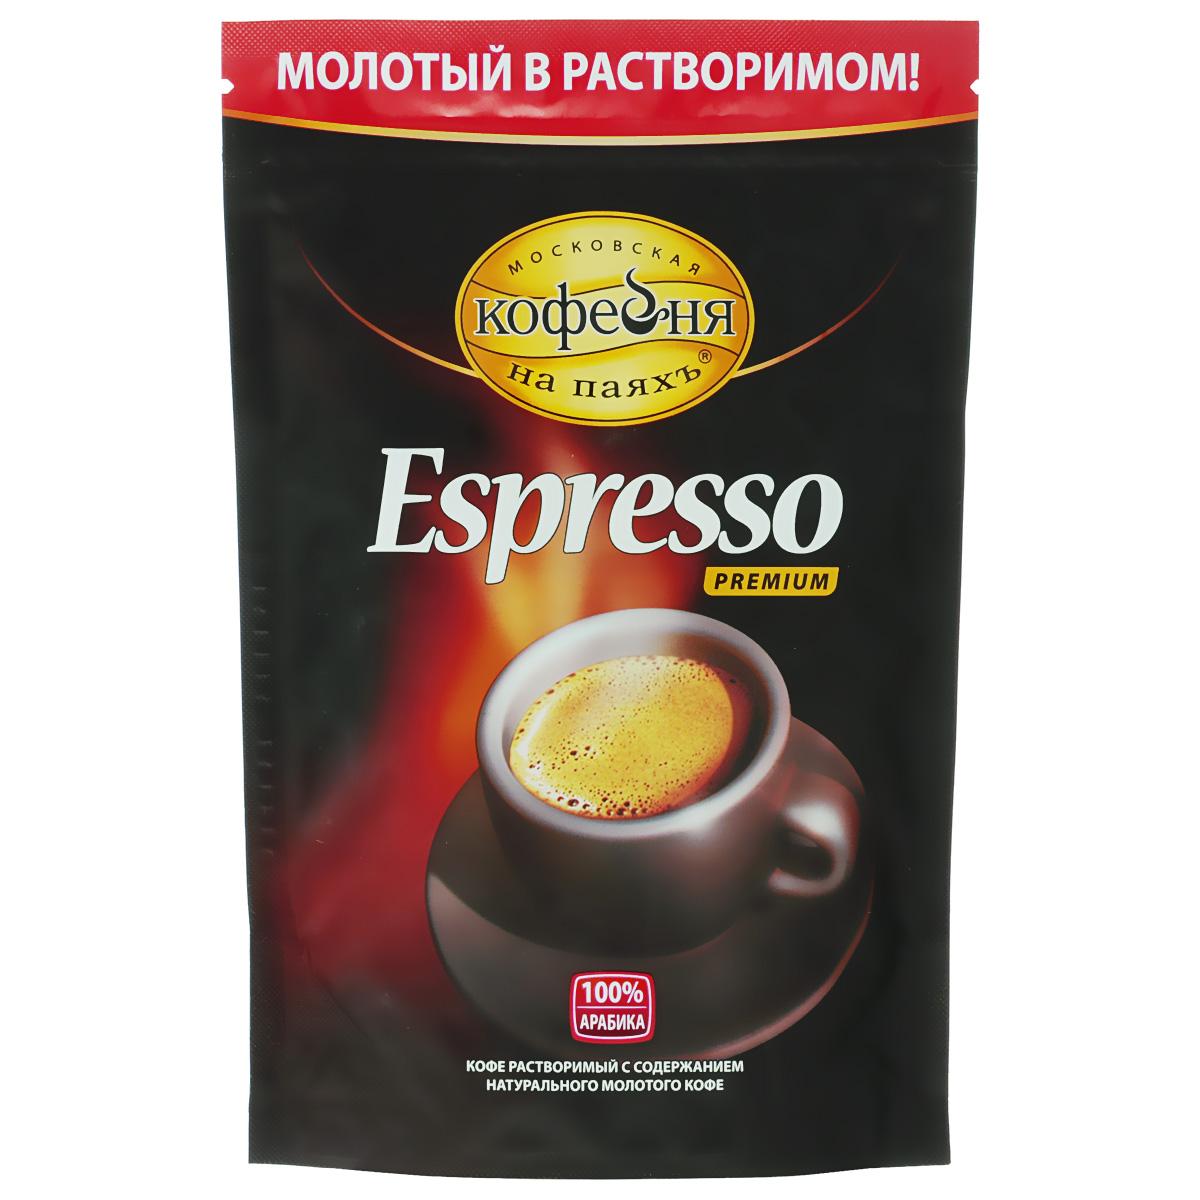 Московская кофейня на паяхъ Espresso кофе рaствоpимый, пакет 95 г4601985000991Бывает так, что очень хочется настоящего свежемолотого кофе, но приготовить его негде, а под рукой только чайник. Для таких случаев придумали Espresso, кофе, подобных которому нет. Элитные сорта арабики из Южной Америки, Африки и Индонезии, итальянская обжарка придают кофе Espresso неповторимый аромат и крепкий насыщенный вкус. А чтобы сохранить этот вкус и аромат, частицы молотого кофе заключены в микрогранулы растворимого. Именно поэтому Espresso обладает вкусом, ароматом свежемолотого кофе и простотой приготовления растворимого. Теперь для того, чтобы попробовать настоящий эспрессо не нужна кофемашина. Espresso достаточно залить кипятком – и через секунды вы получите чашку отличного кофе с крепким насыщенным вкусом и неповторимым ароматом.